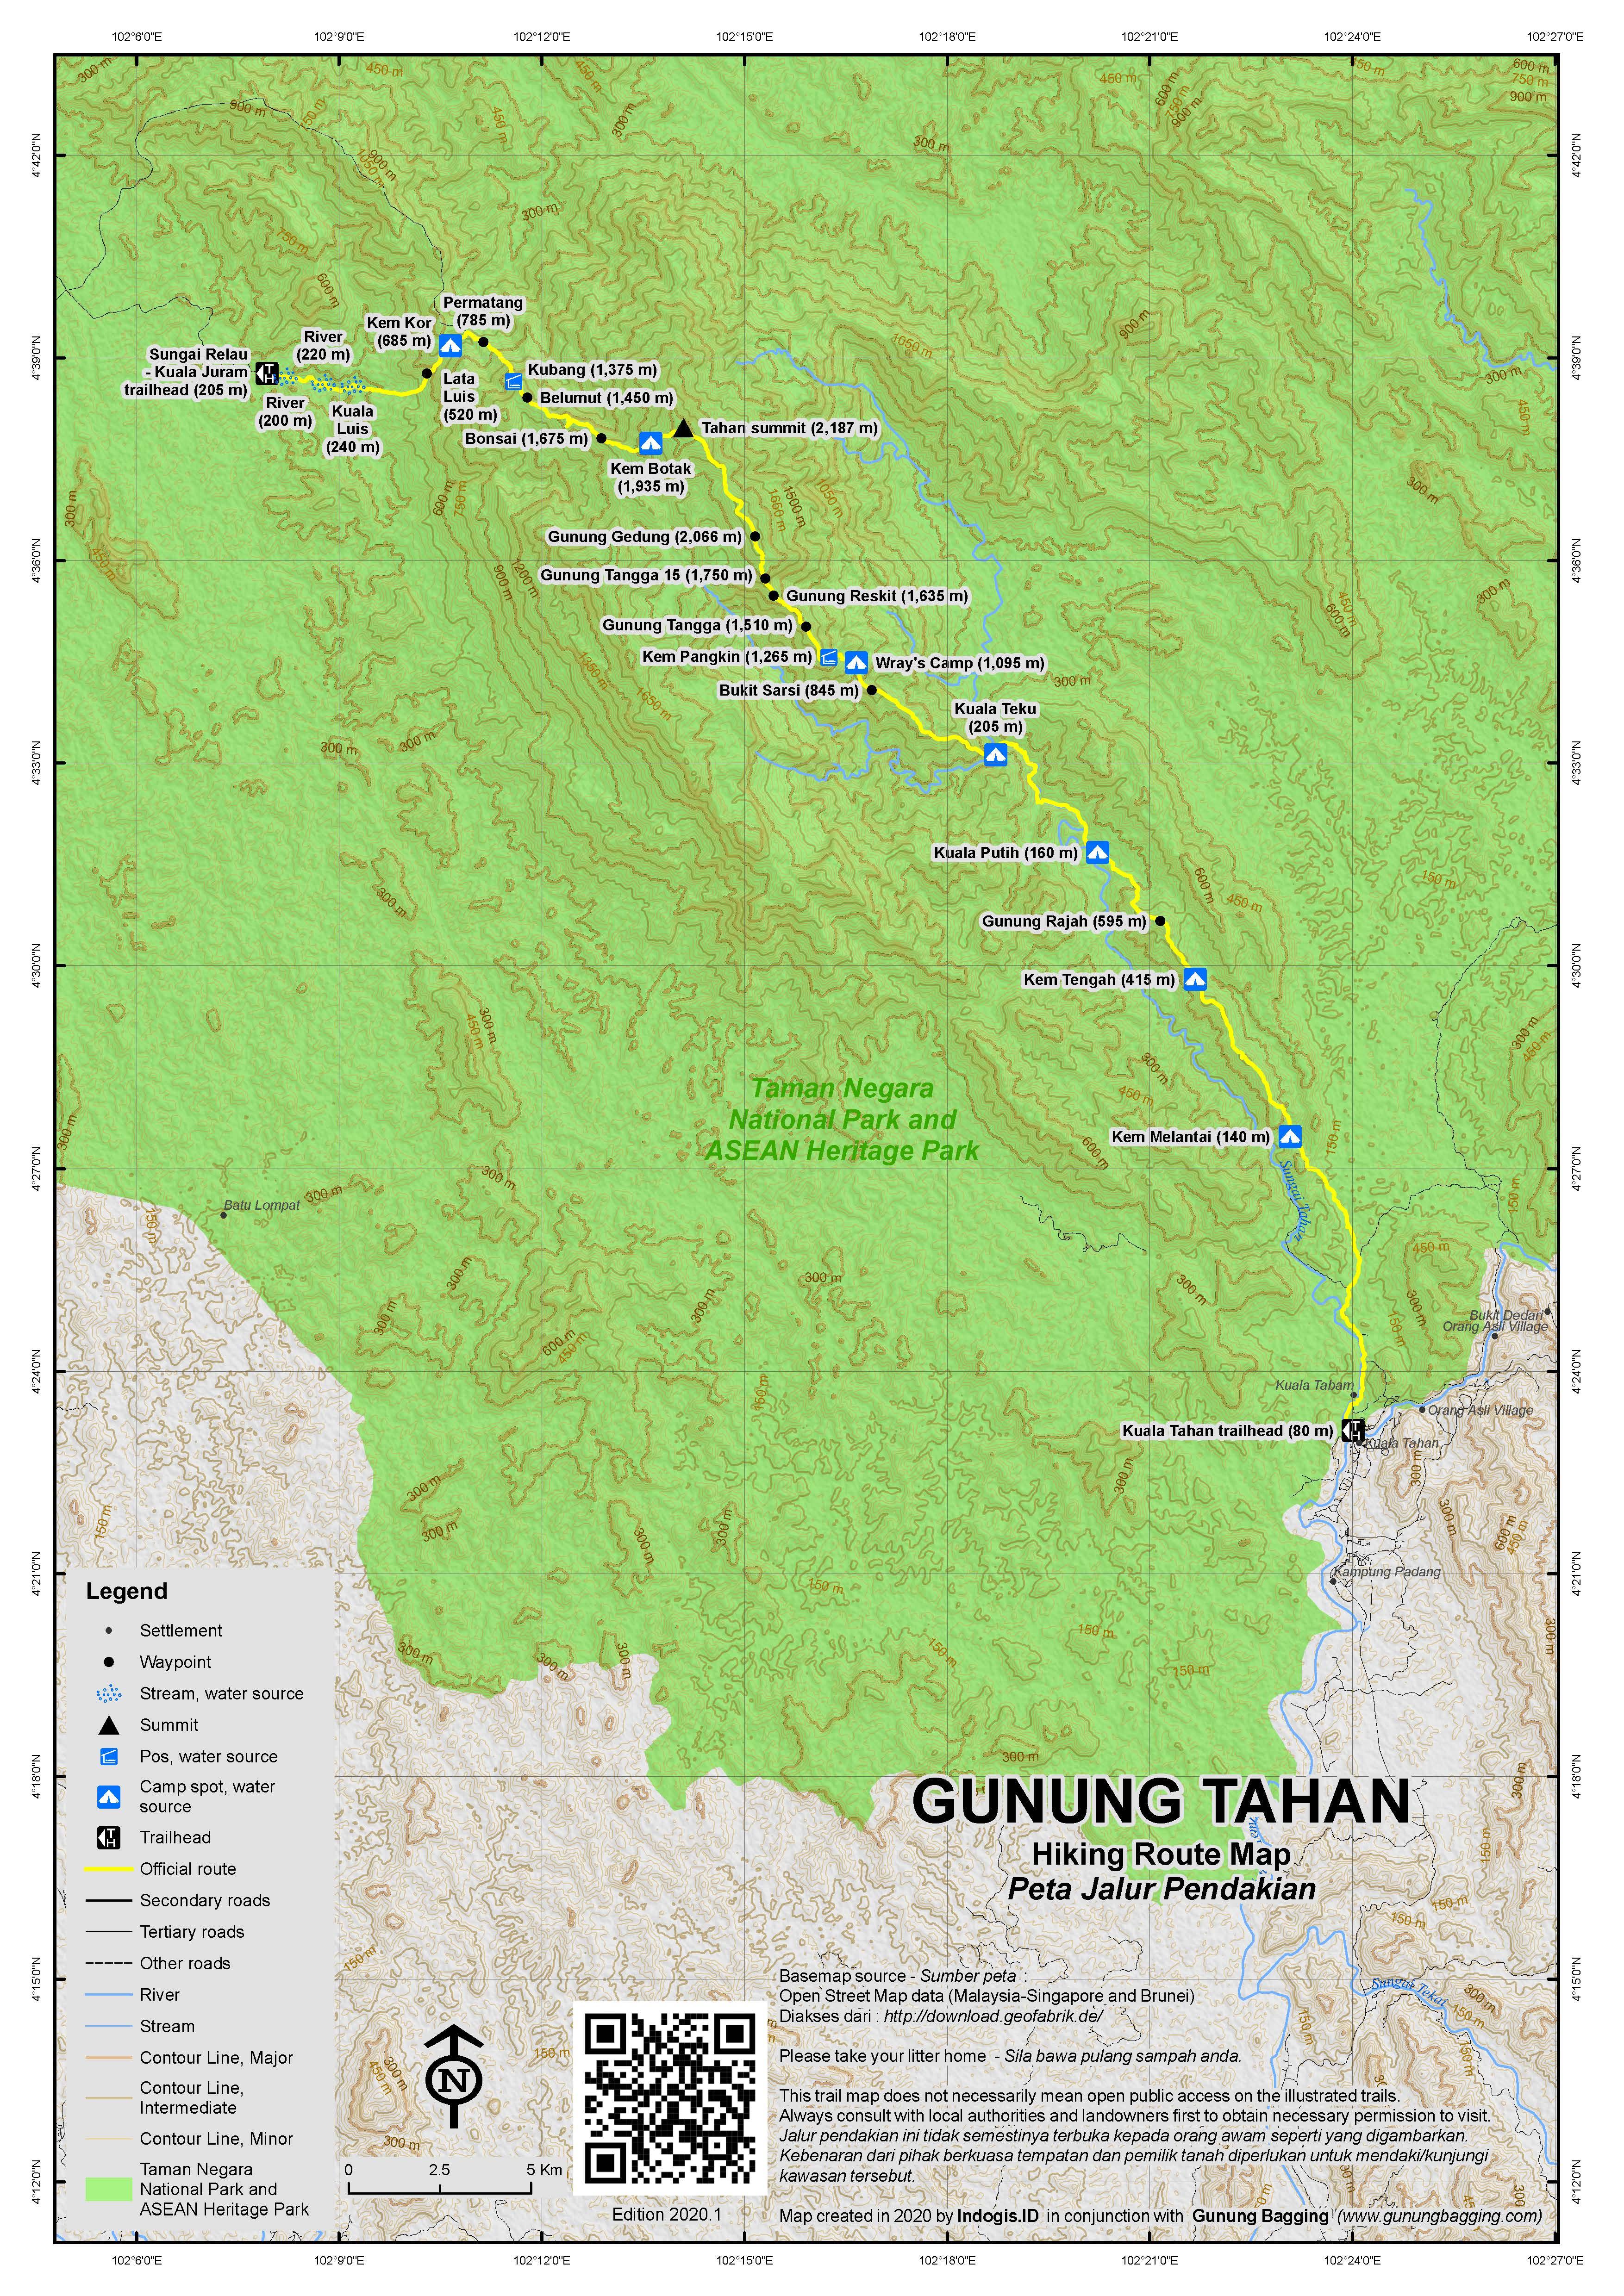 Peta Jalur Pendakian Gunung Tahan